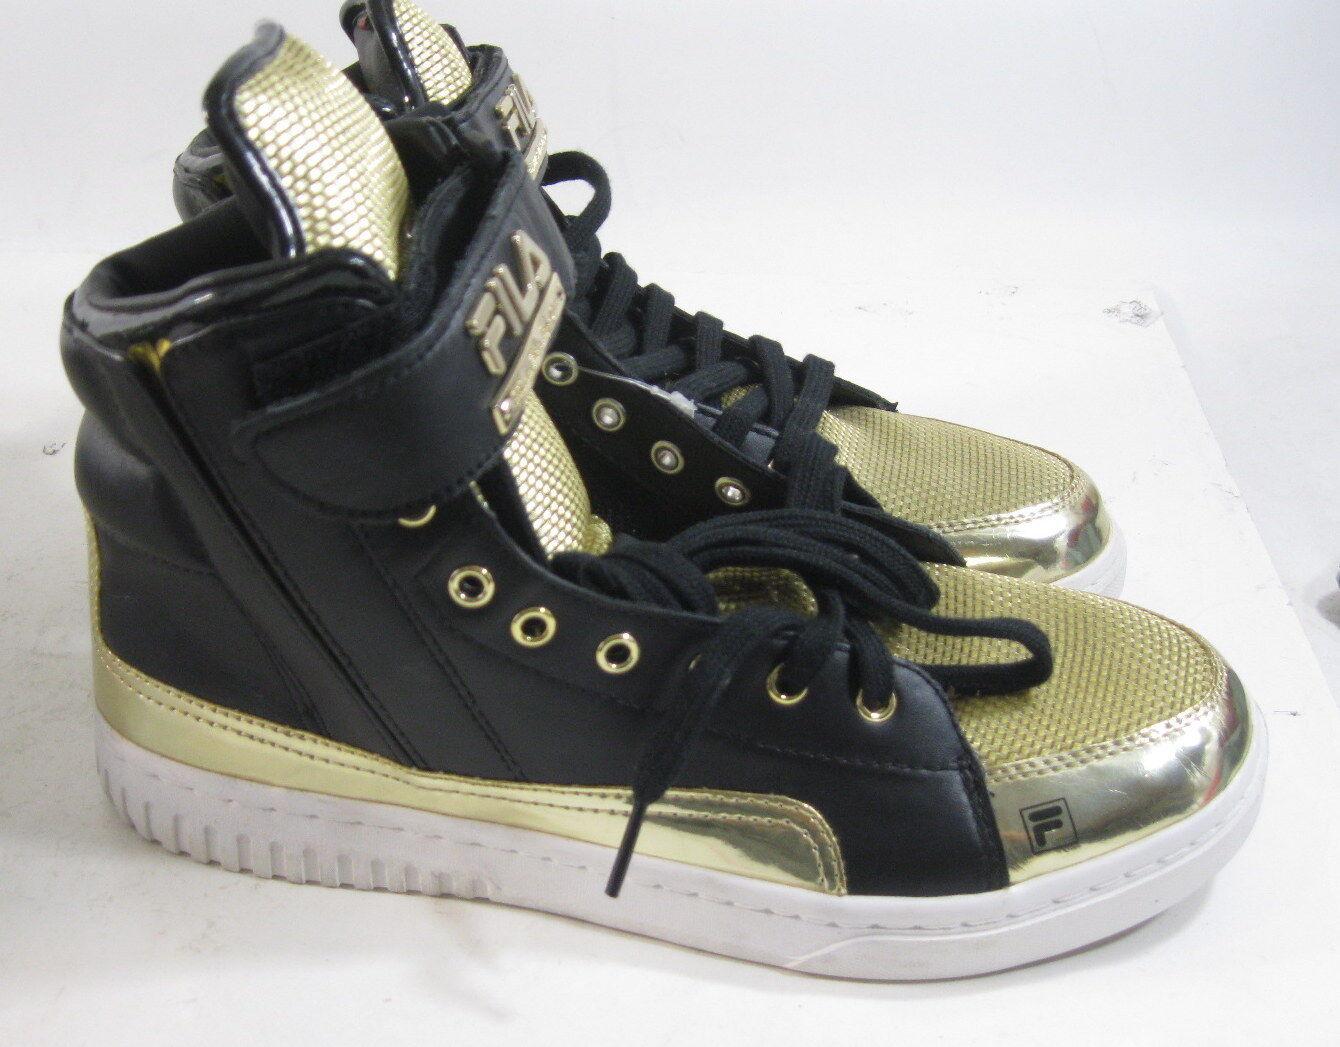 Fila Original Fw04334-092 Gold/Black Hi Top Men Shoes Size 8